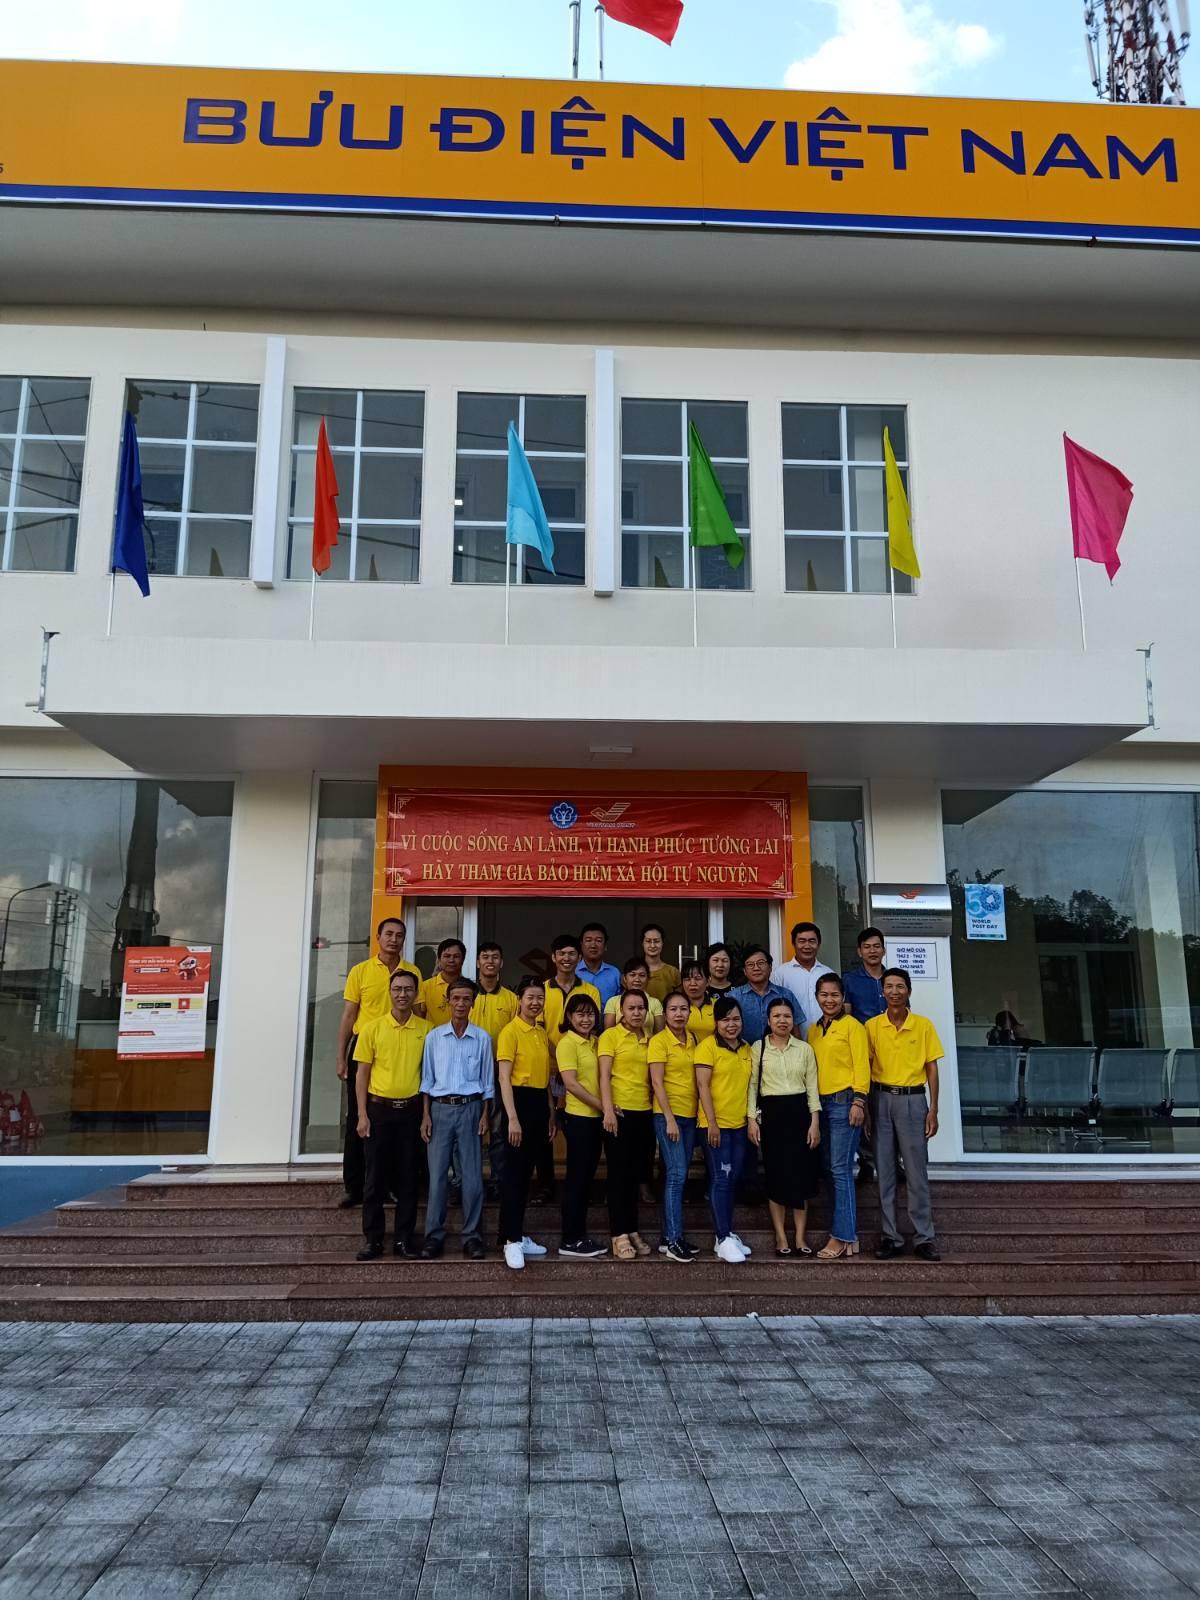 Bưu điện huyện Quảng Điền ra quân tuyên truyền và phát triển người tham gia BHXH tự nguyện